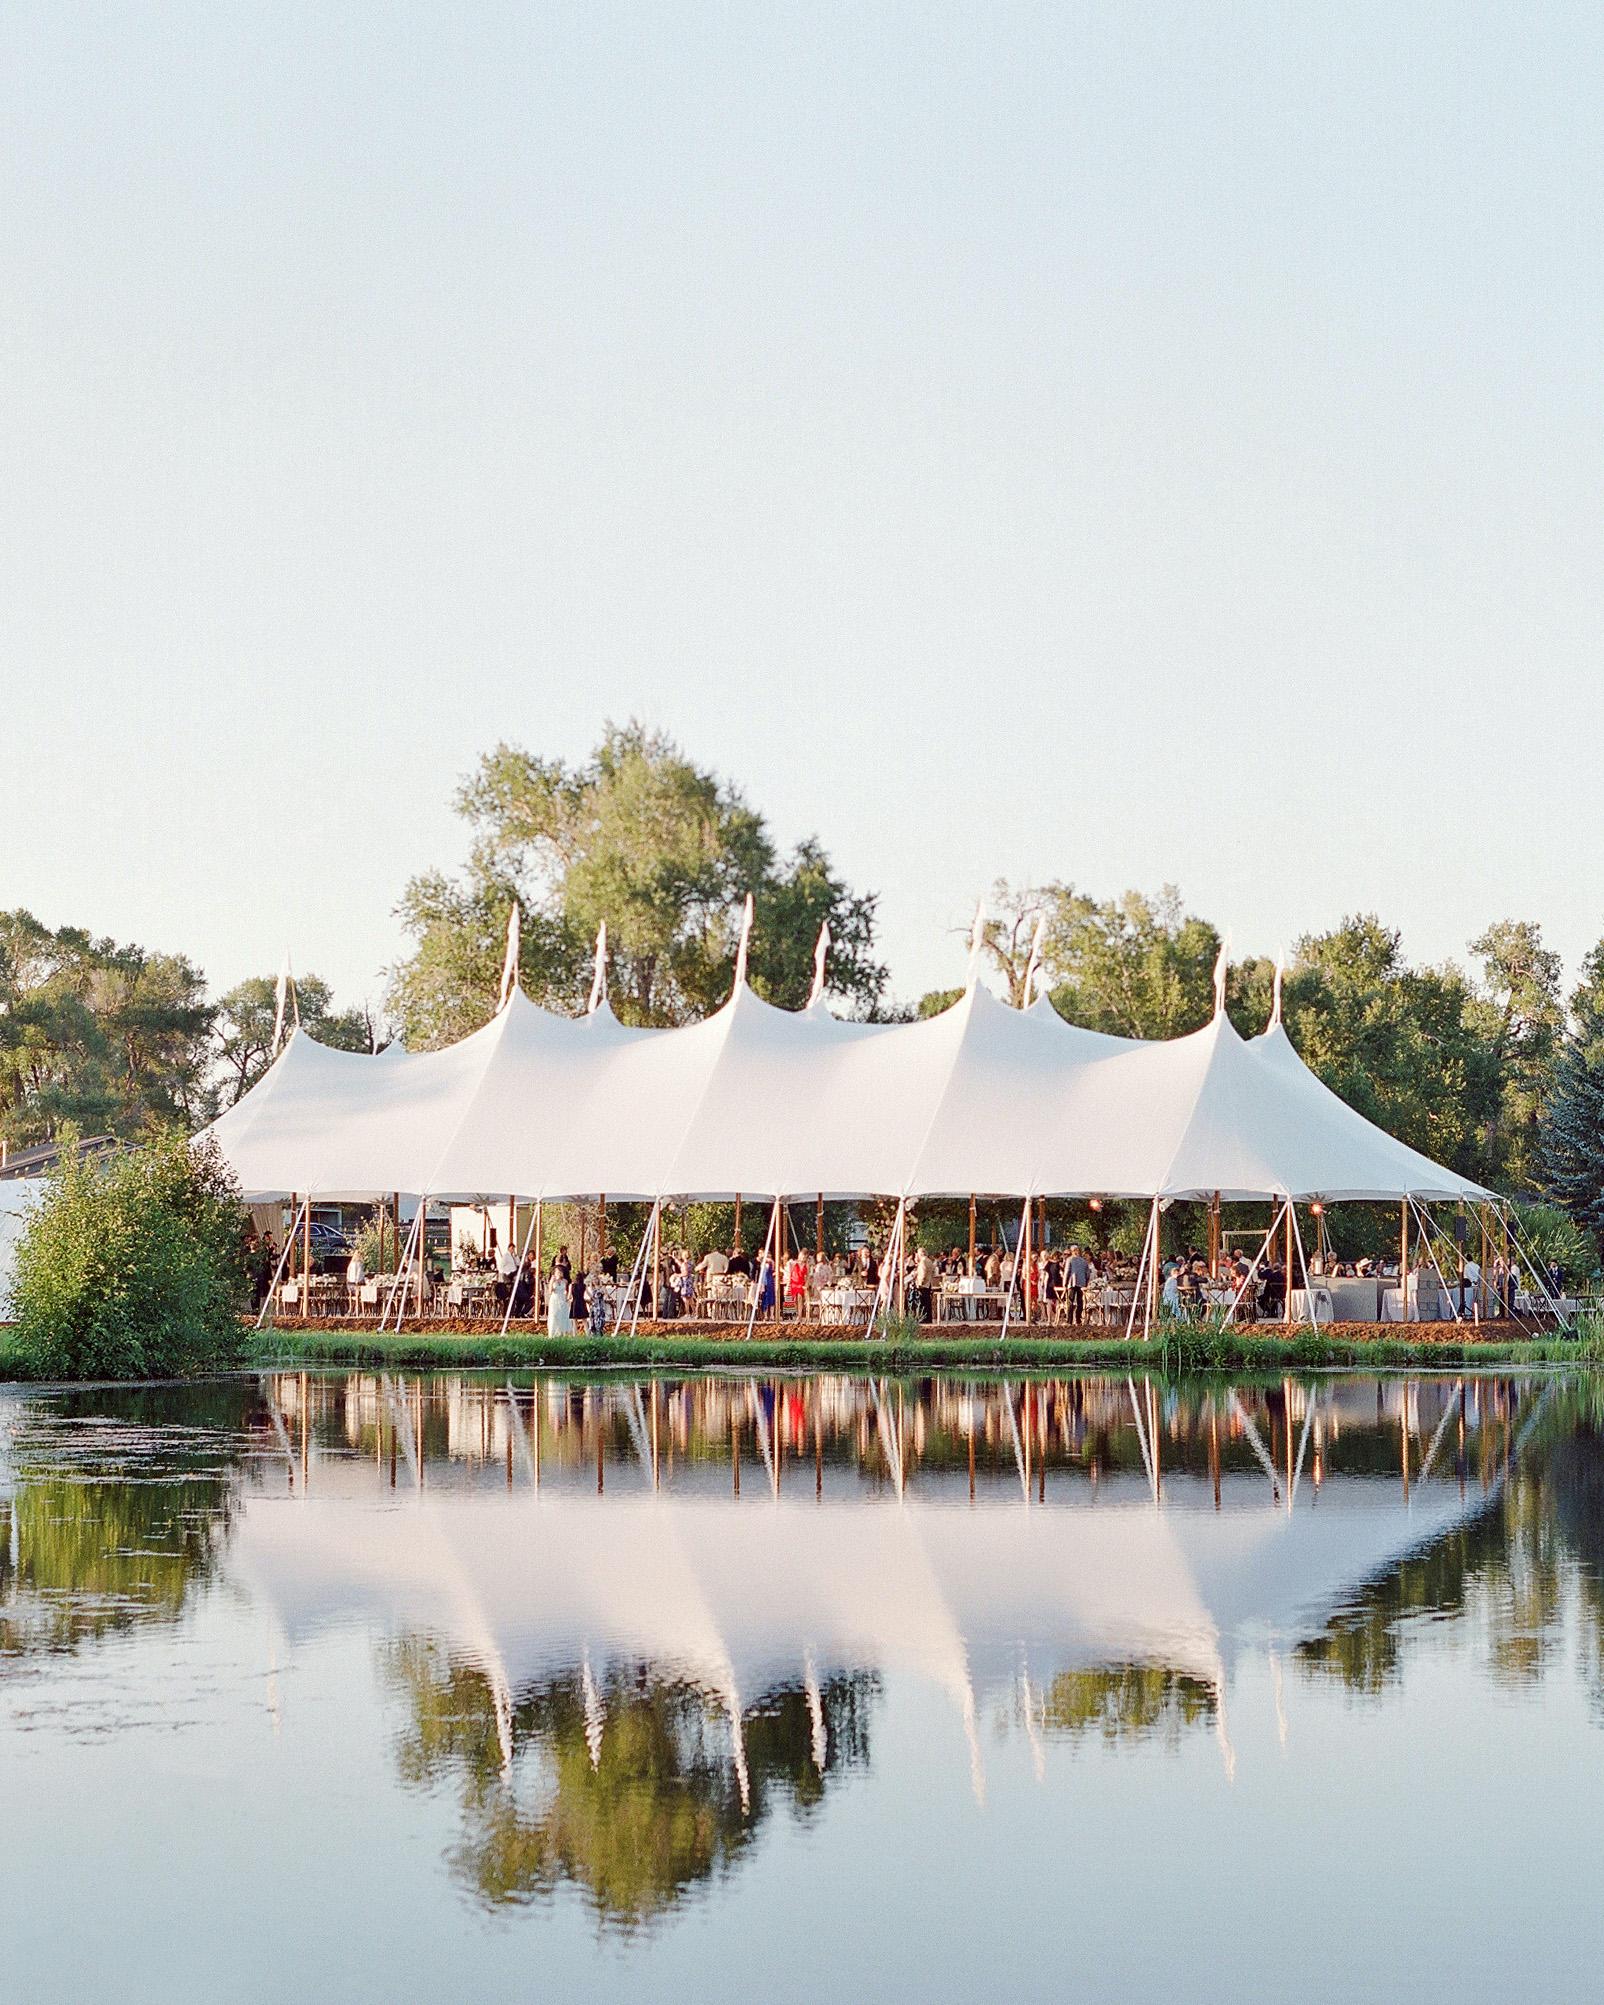 bessie john wedding tent